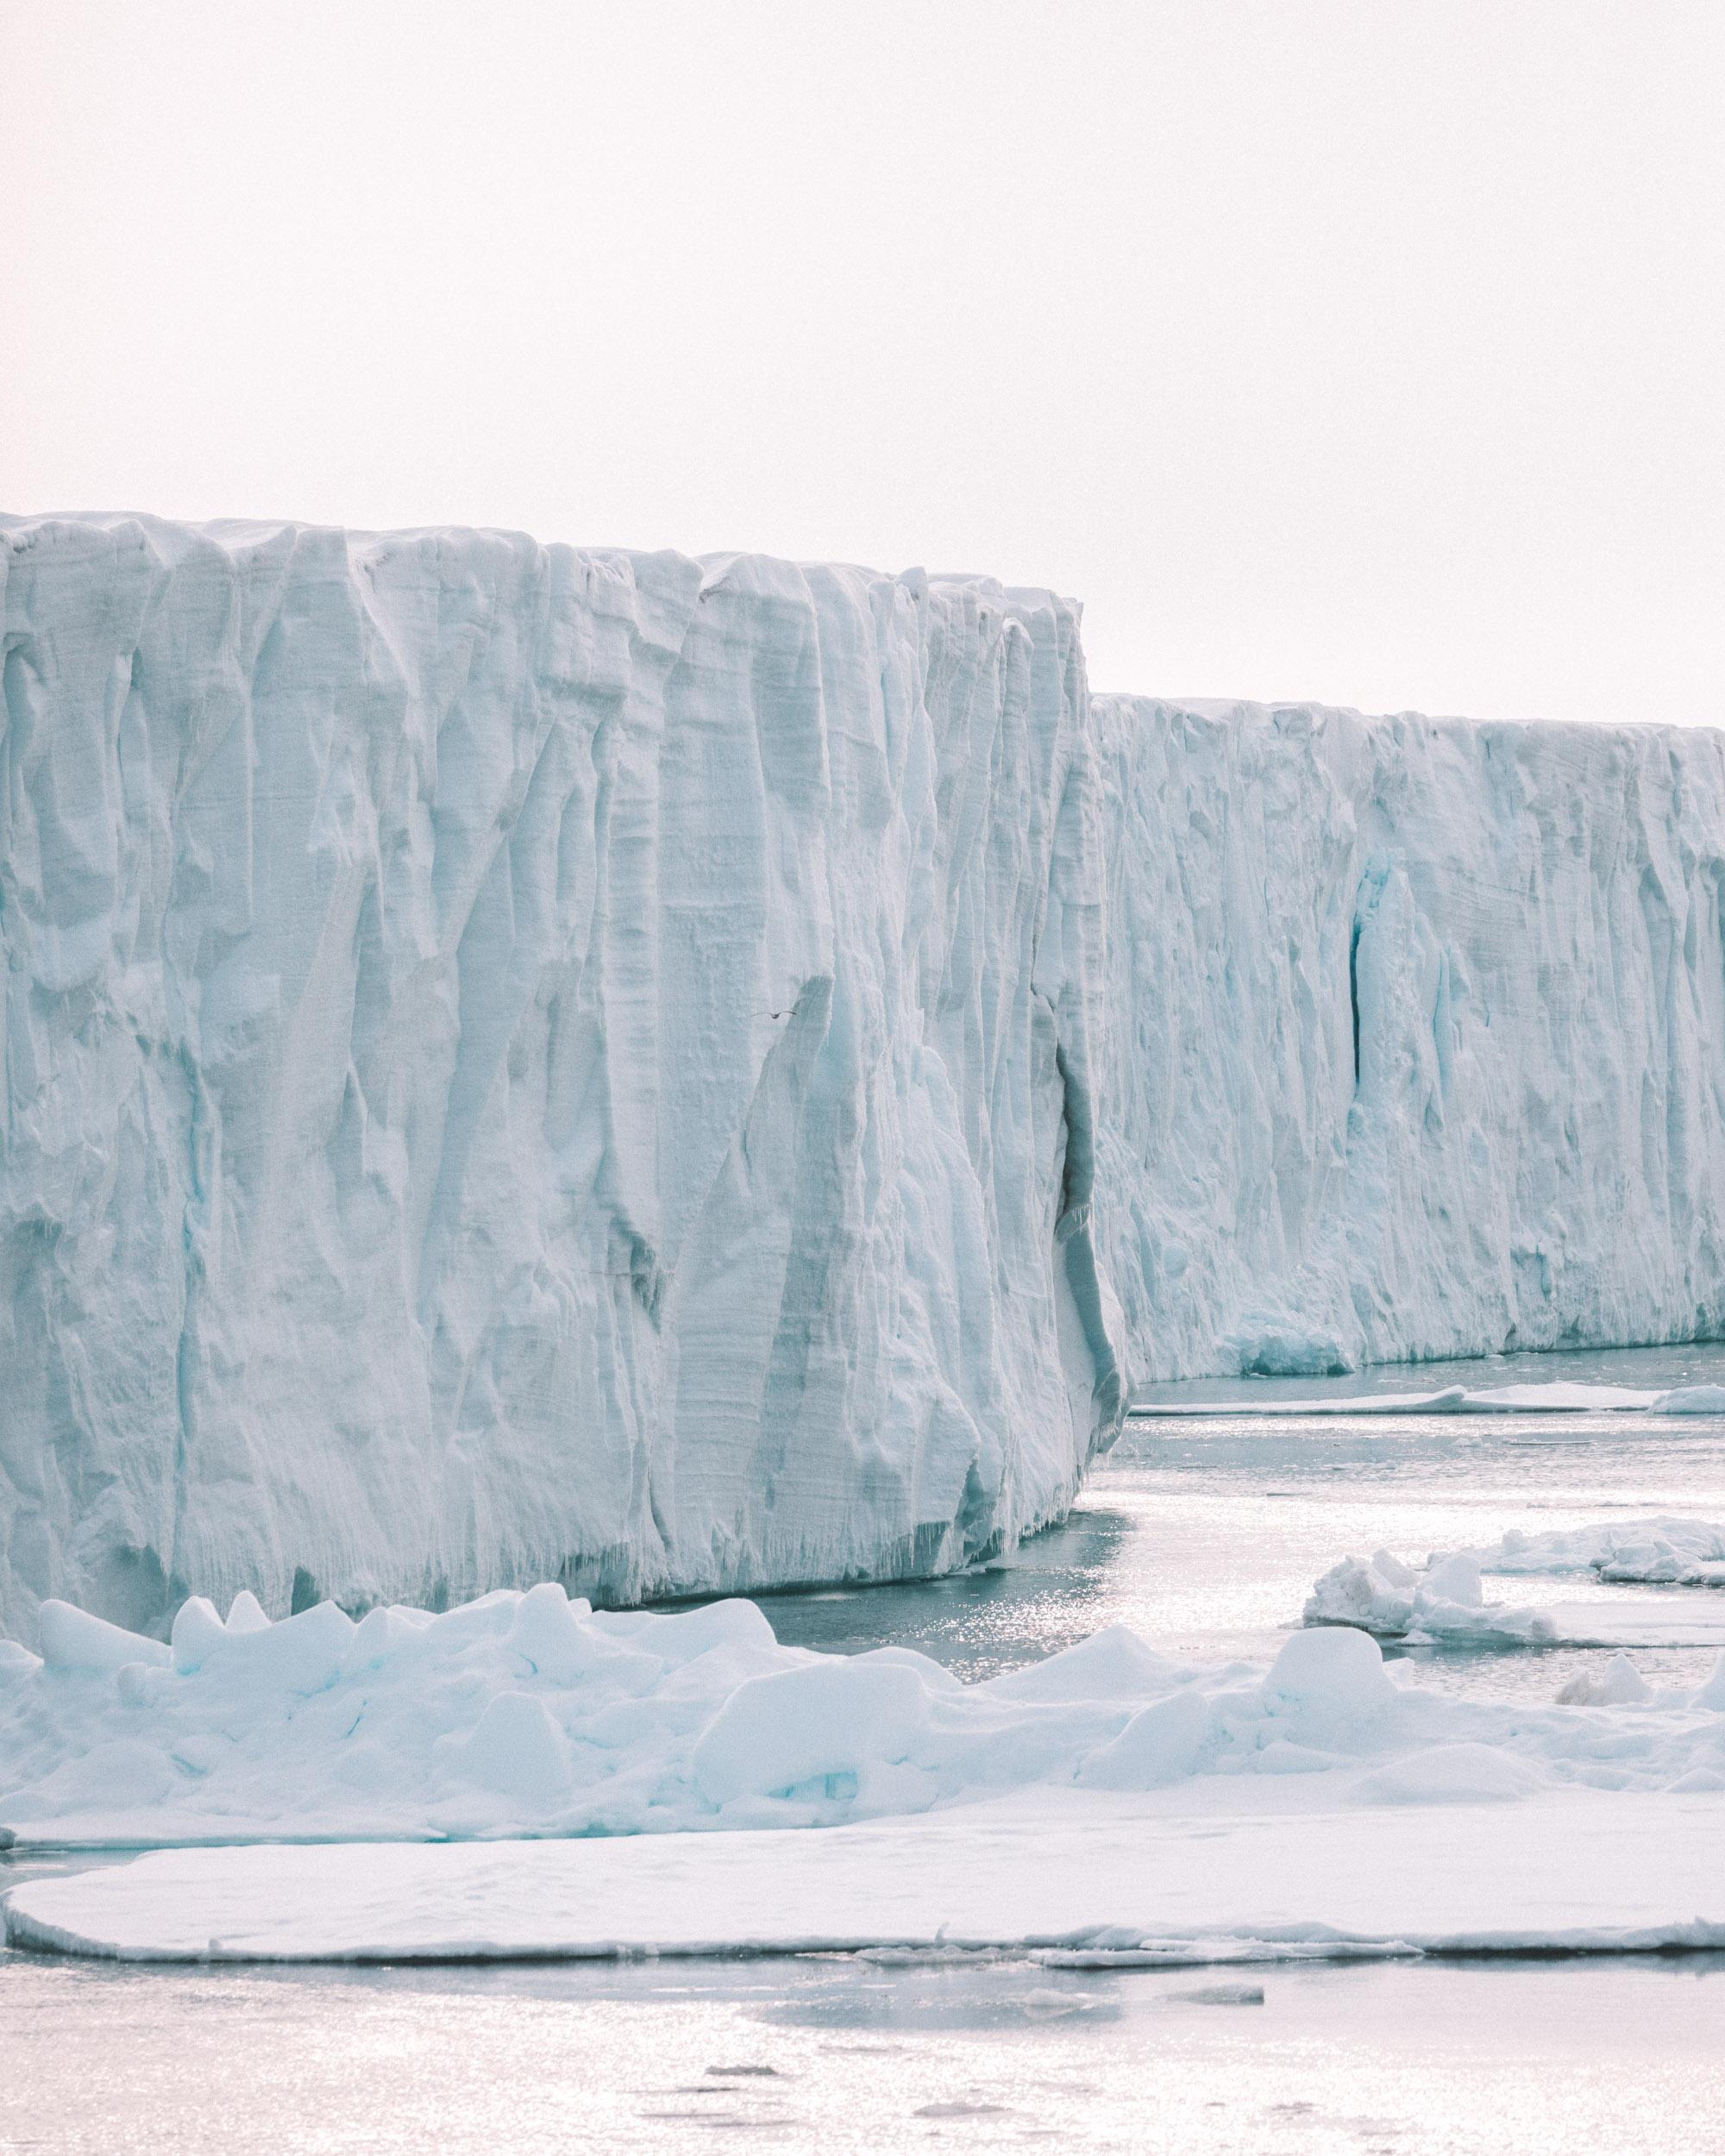 Bråsvellbreen glacier wall in Svalbard Spitsbergen via @finduslost